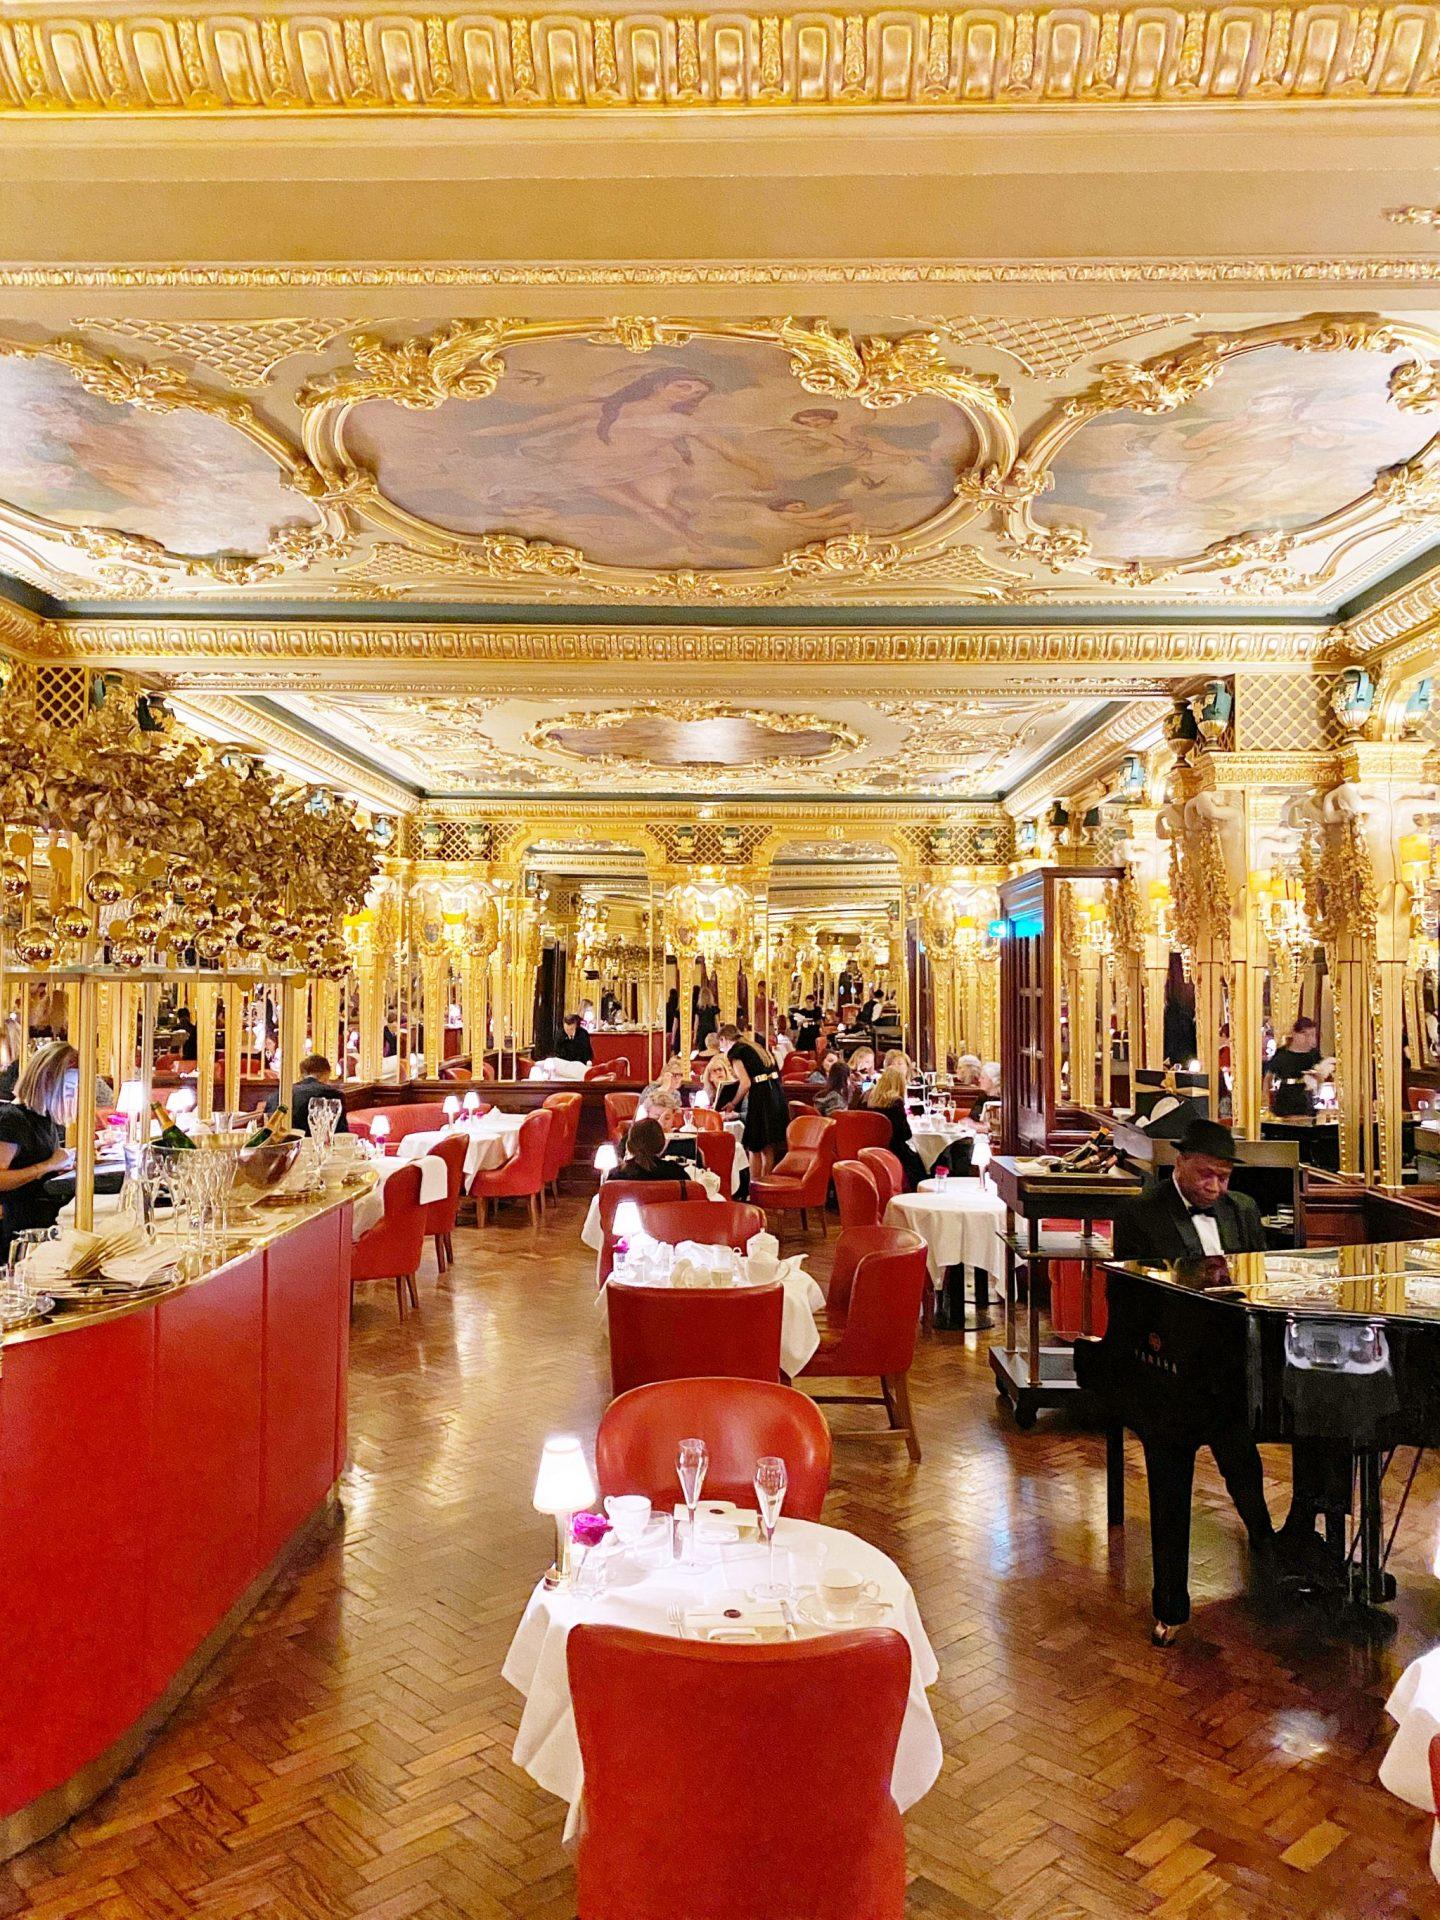 Oscar Wilde Lounge - Hotel Cafe Royal